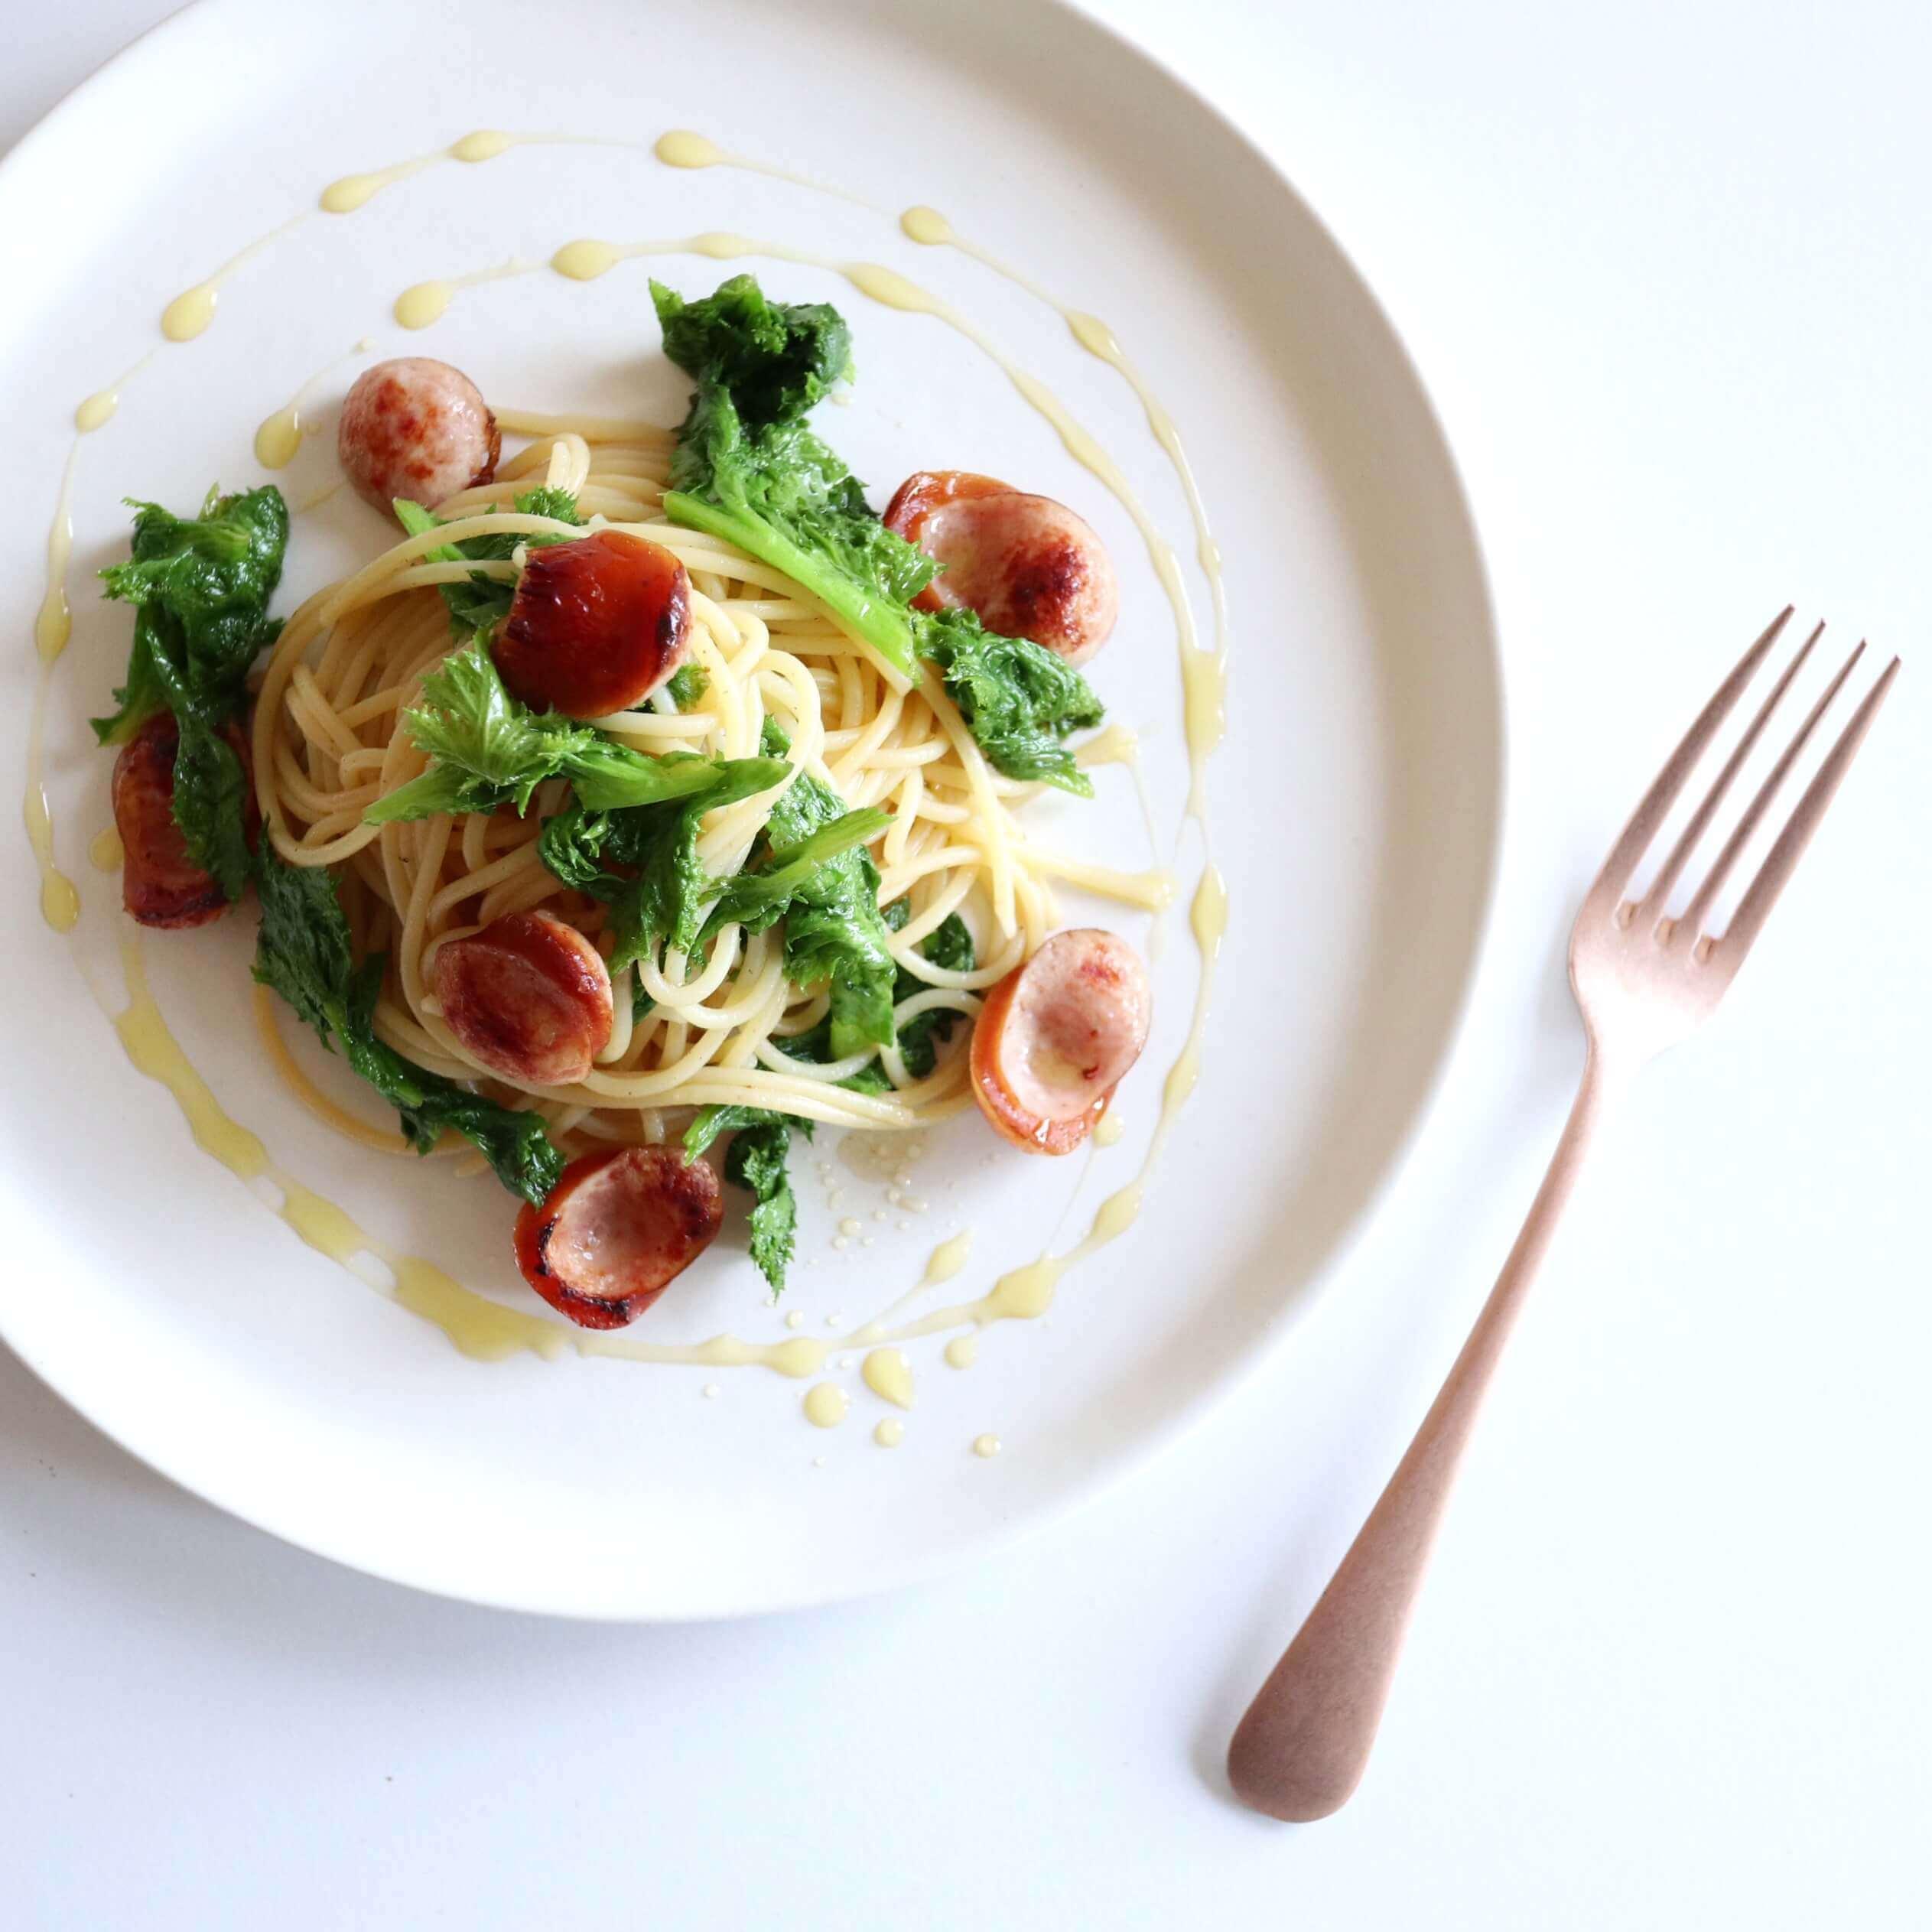 【絶品!】ソーセージとわさび菜のペペロンチーノのレシピ